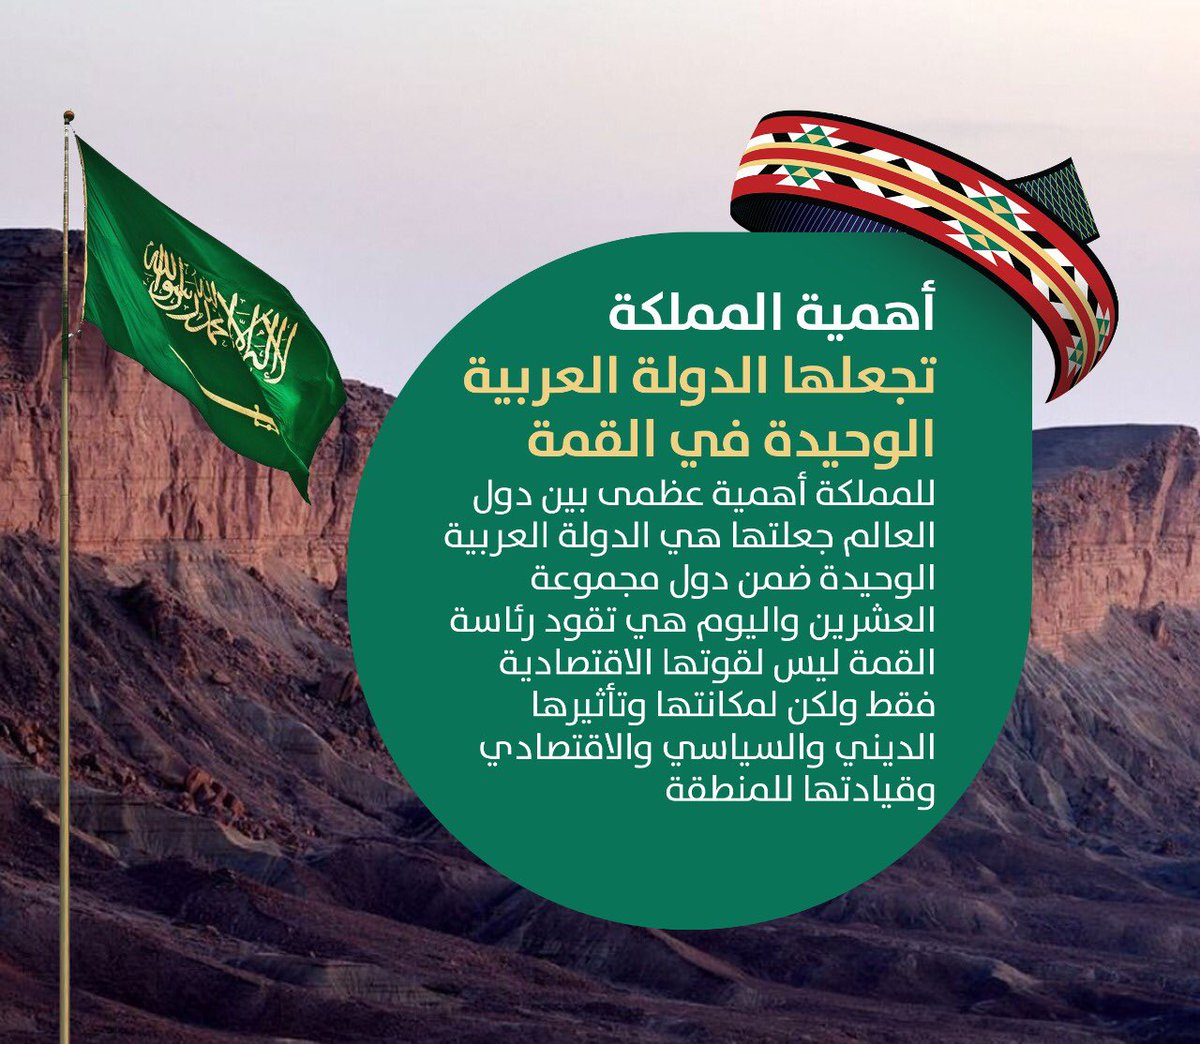 قمة استثنائية، قمة وسط جائحة كورونا، نجاح كبير للسعودية بتنظيم هذه القمة. #نجاح_قمة_العشرين_بالسعودية